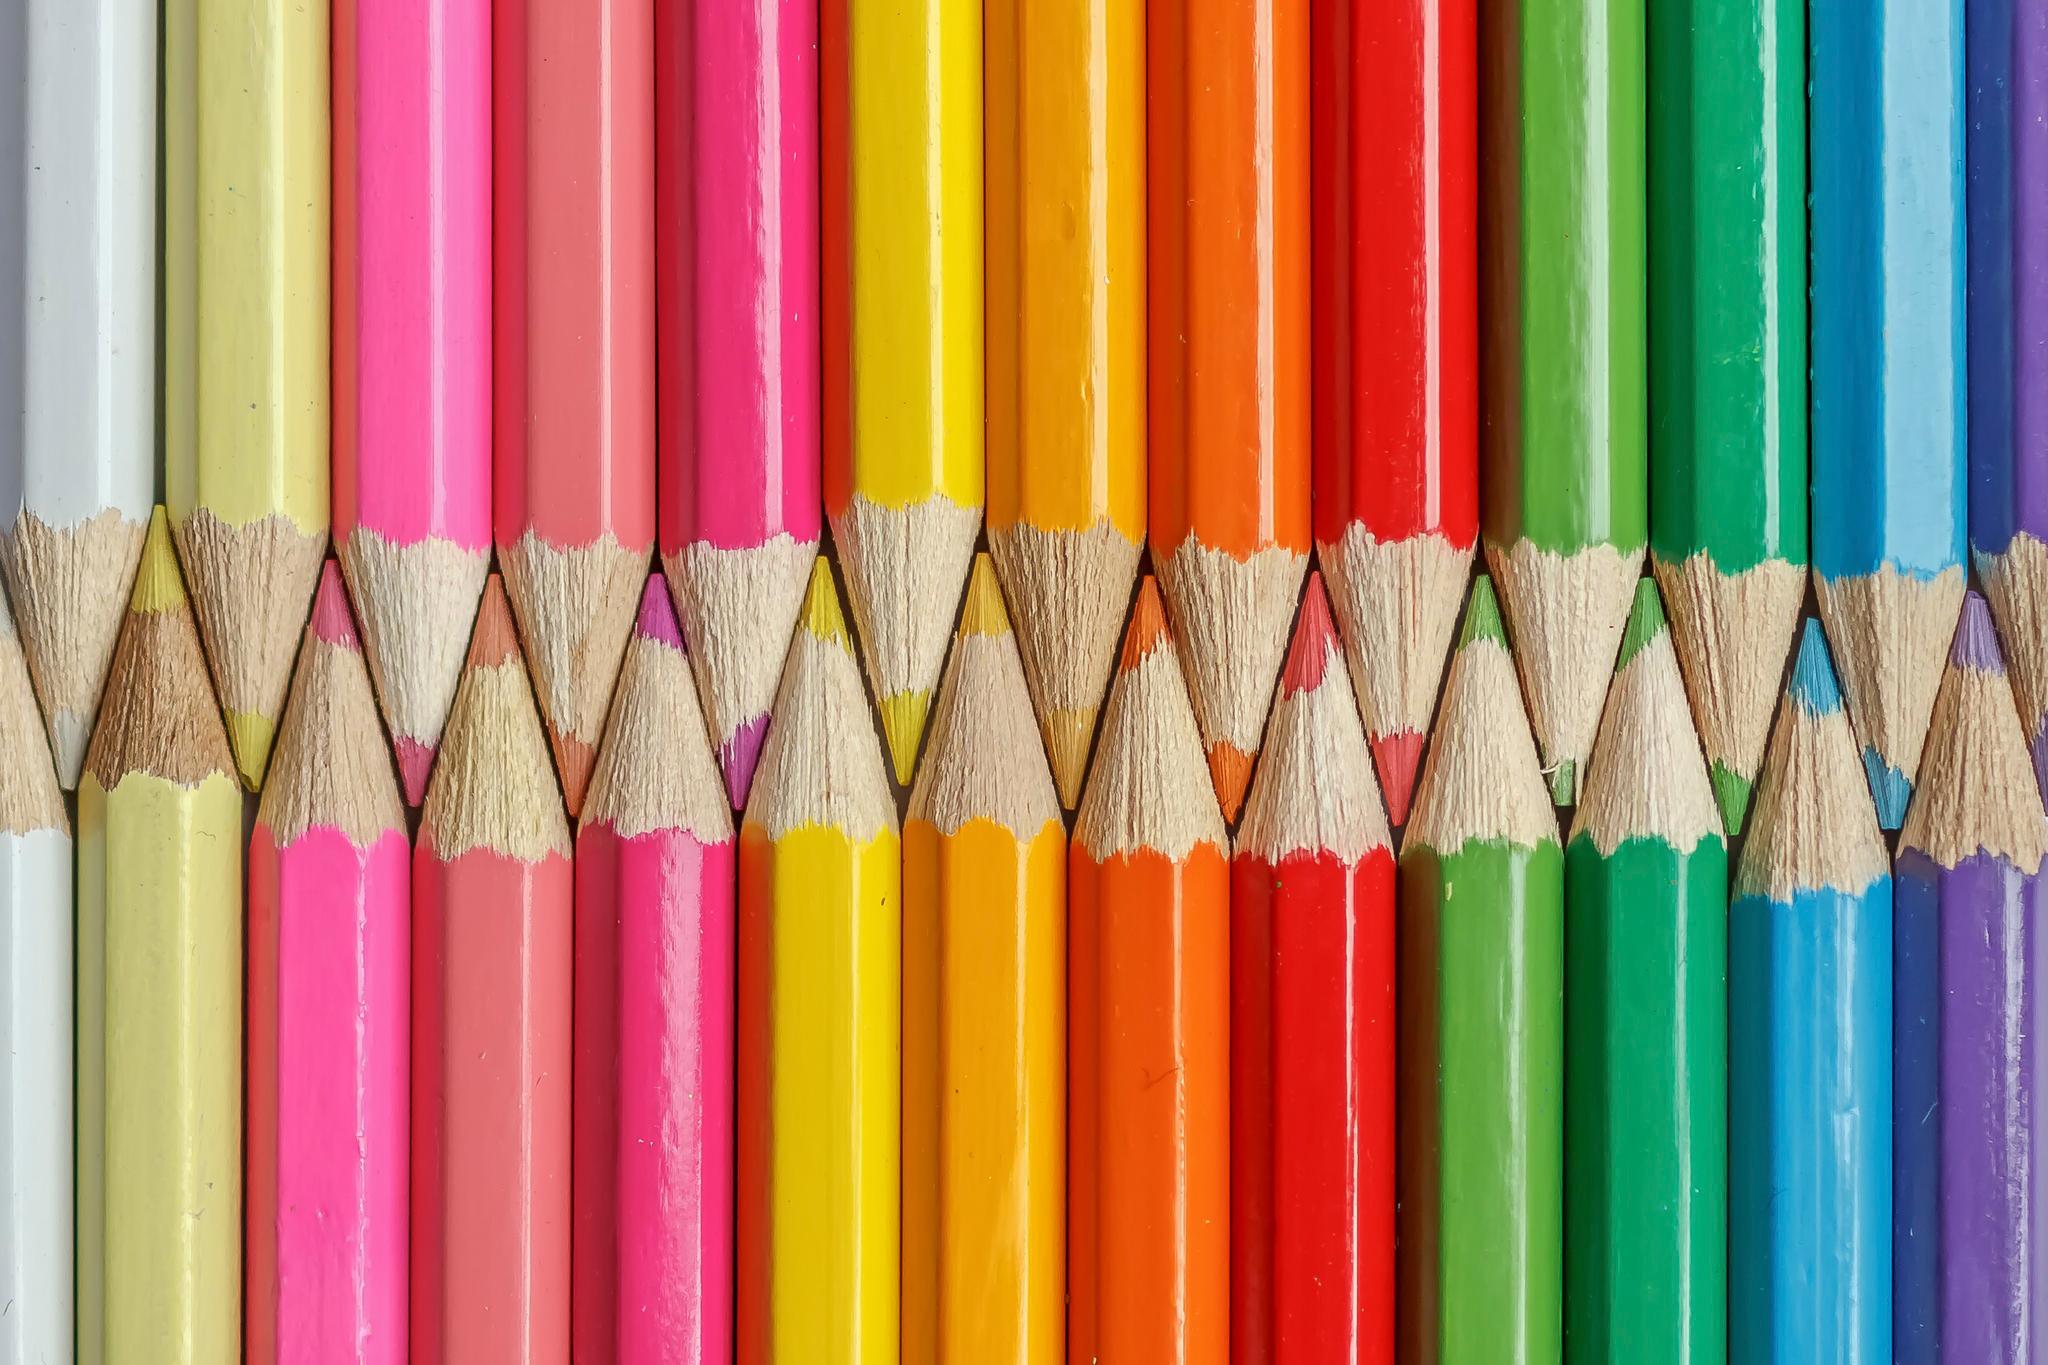 Цветные карандаши картинки для детей